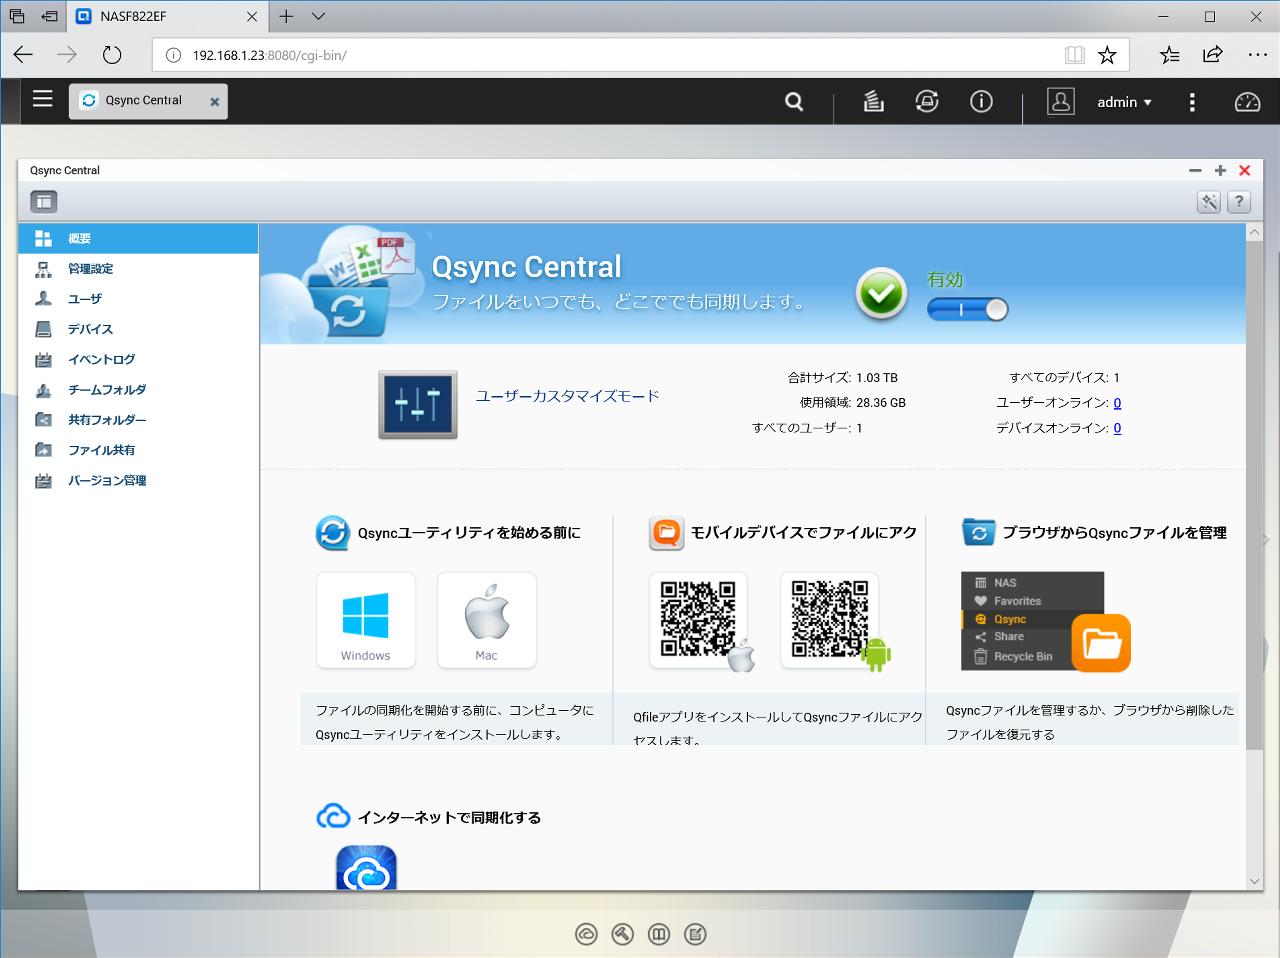 Qsync CentralではQsyncの設定や利用状況を確認可能。ファイルの共有リンク作成やファイルのバージョン管理も可能